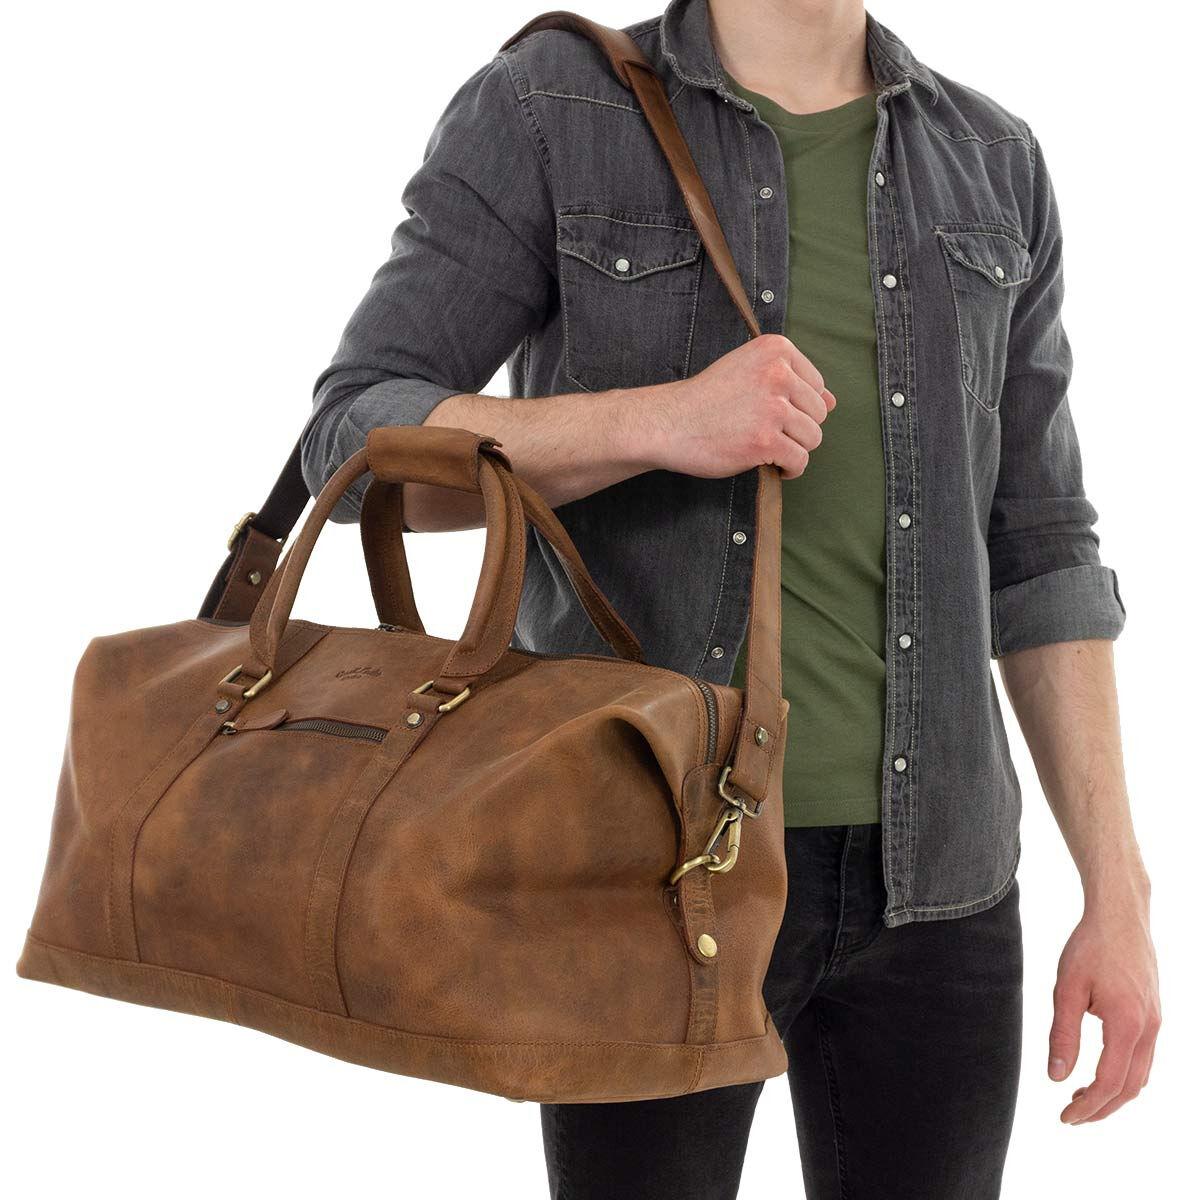 Outlet Reisetasche - kleinere Lederfehler – Schultergurt fehlt - faltiges Leder - kleine Farbuntersc